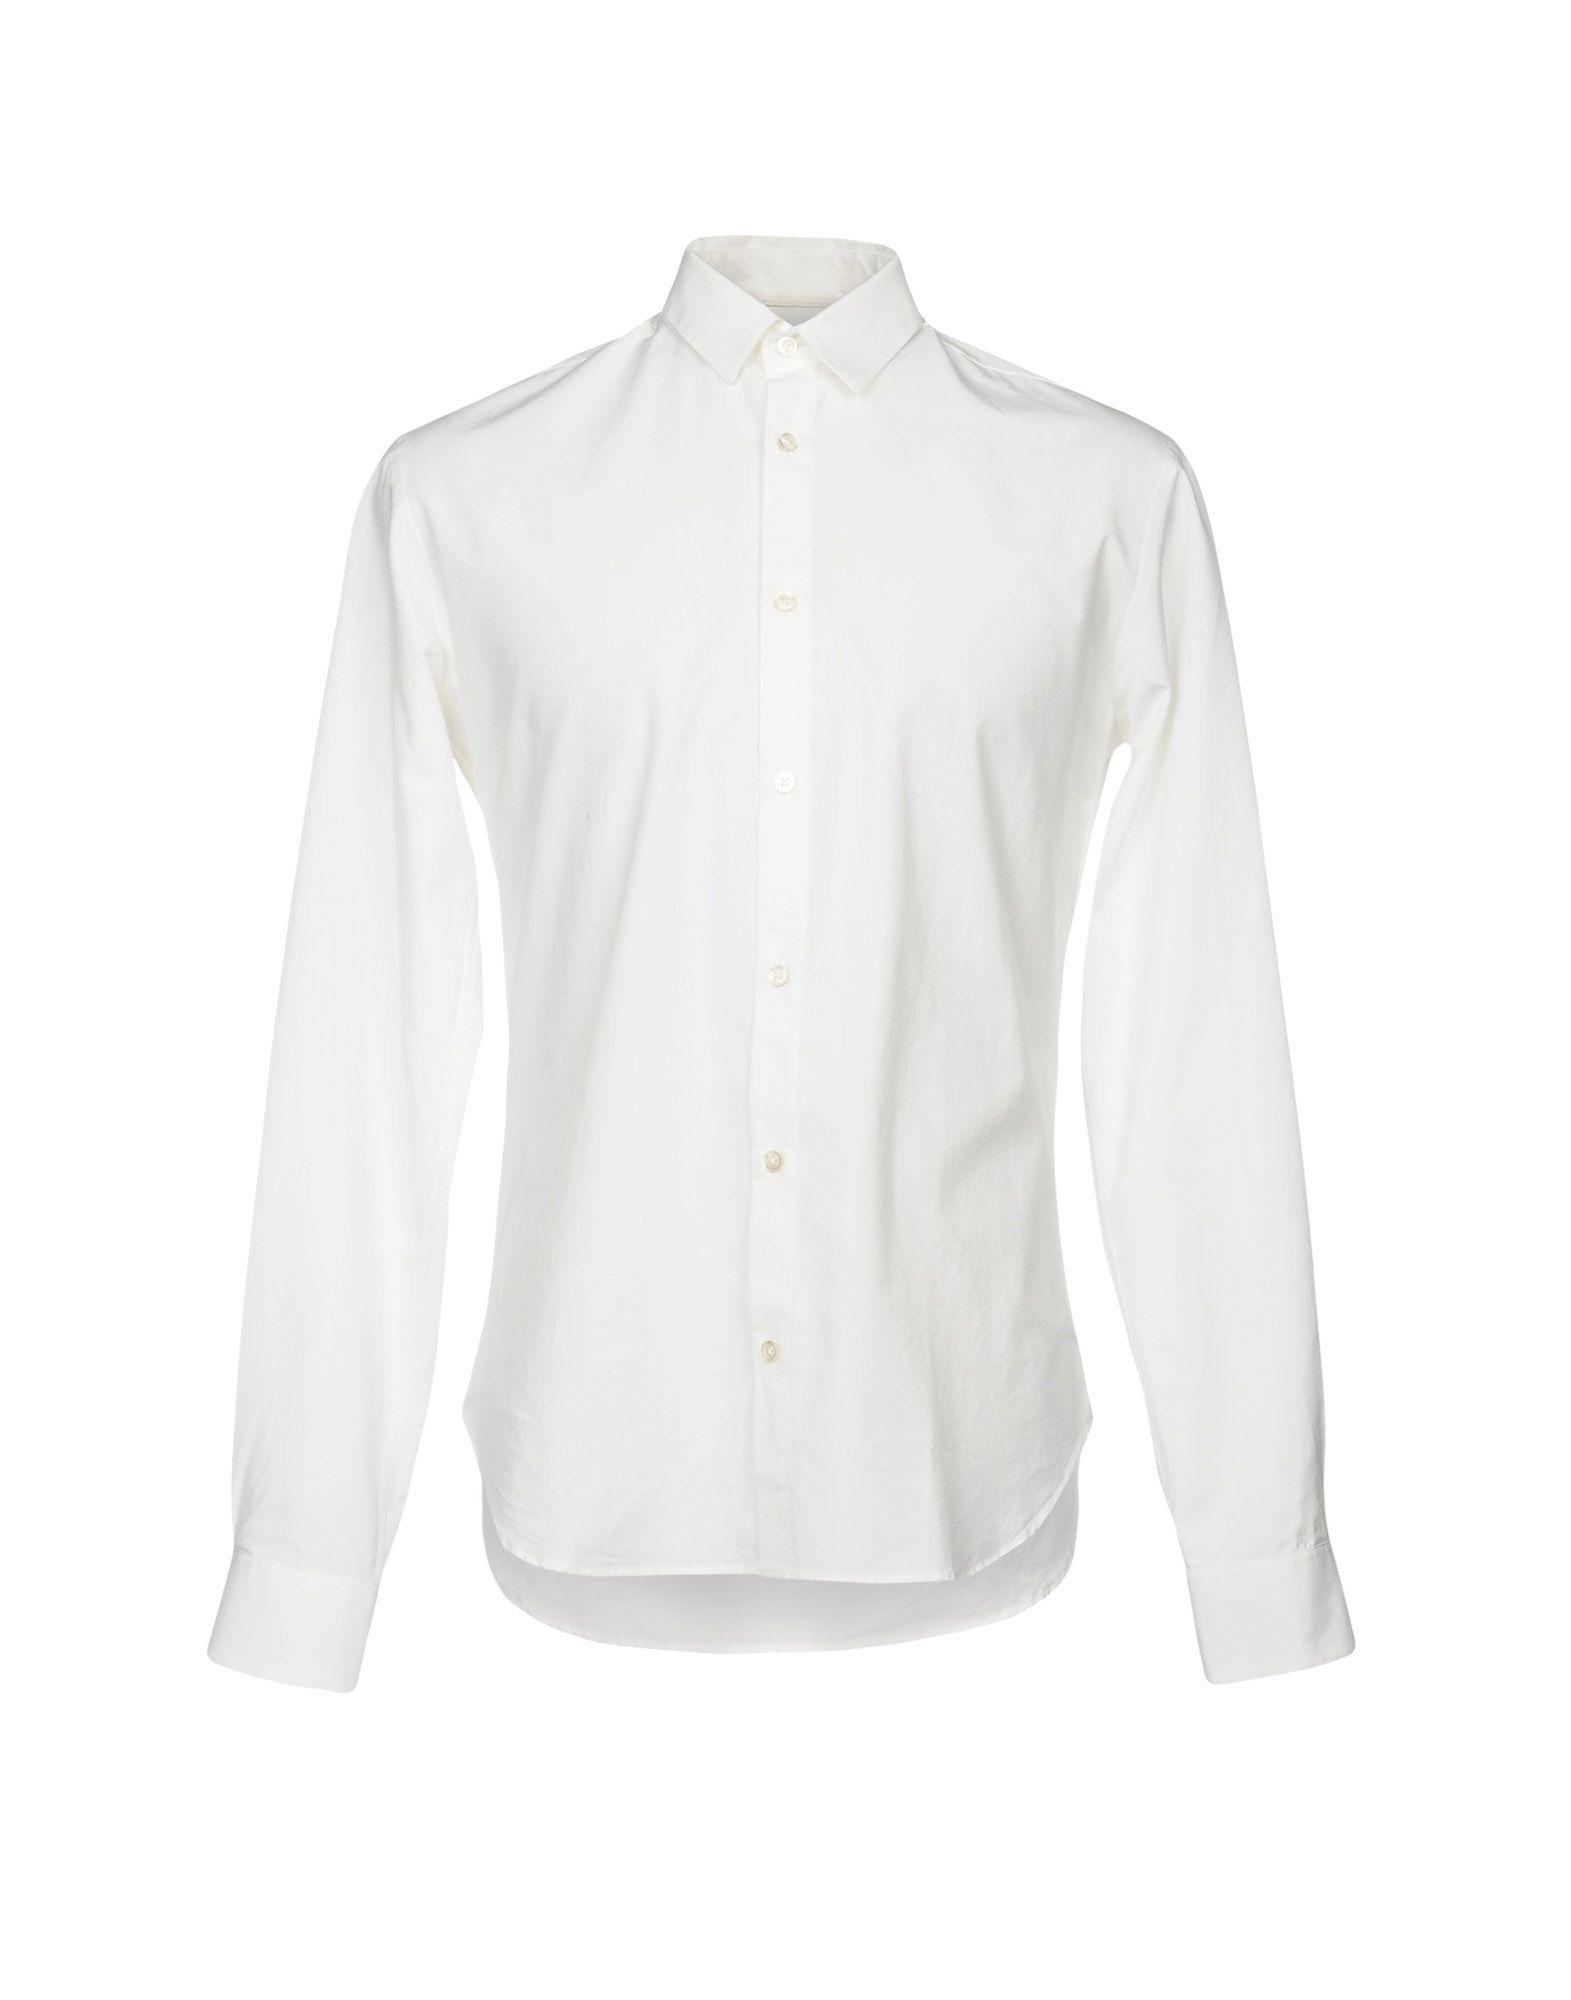 GOLDEN GOOSE DELUXE BRAND Pубашка